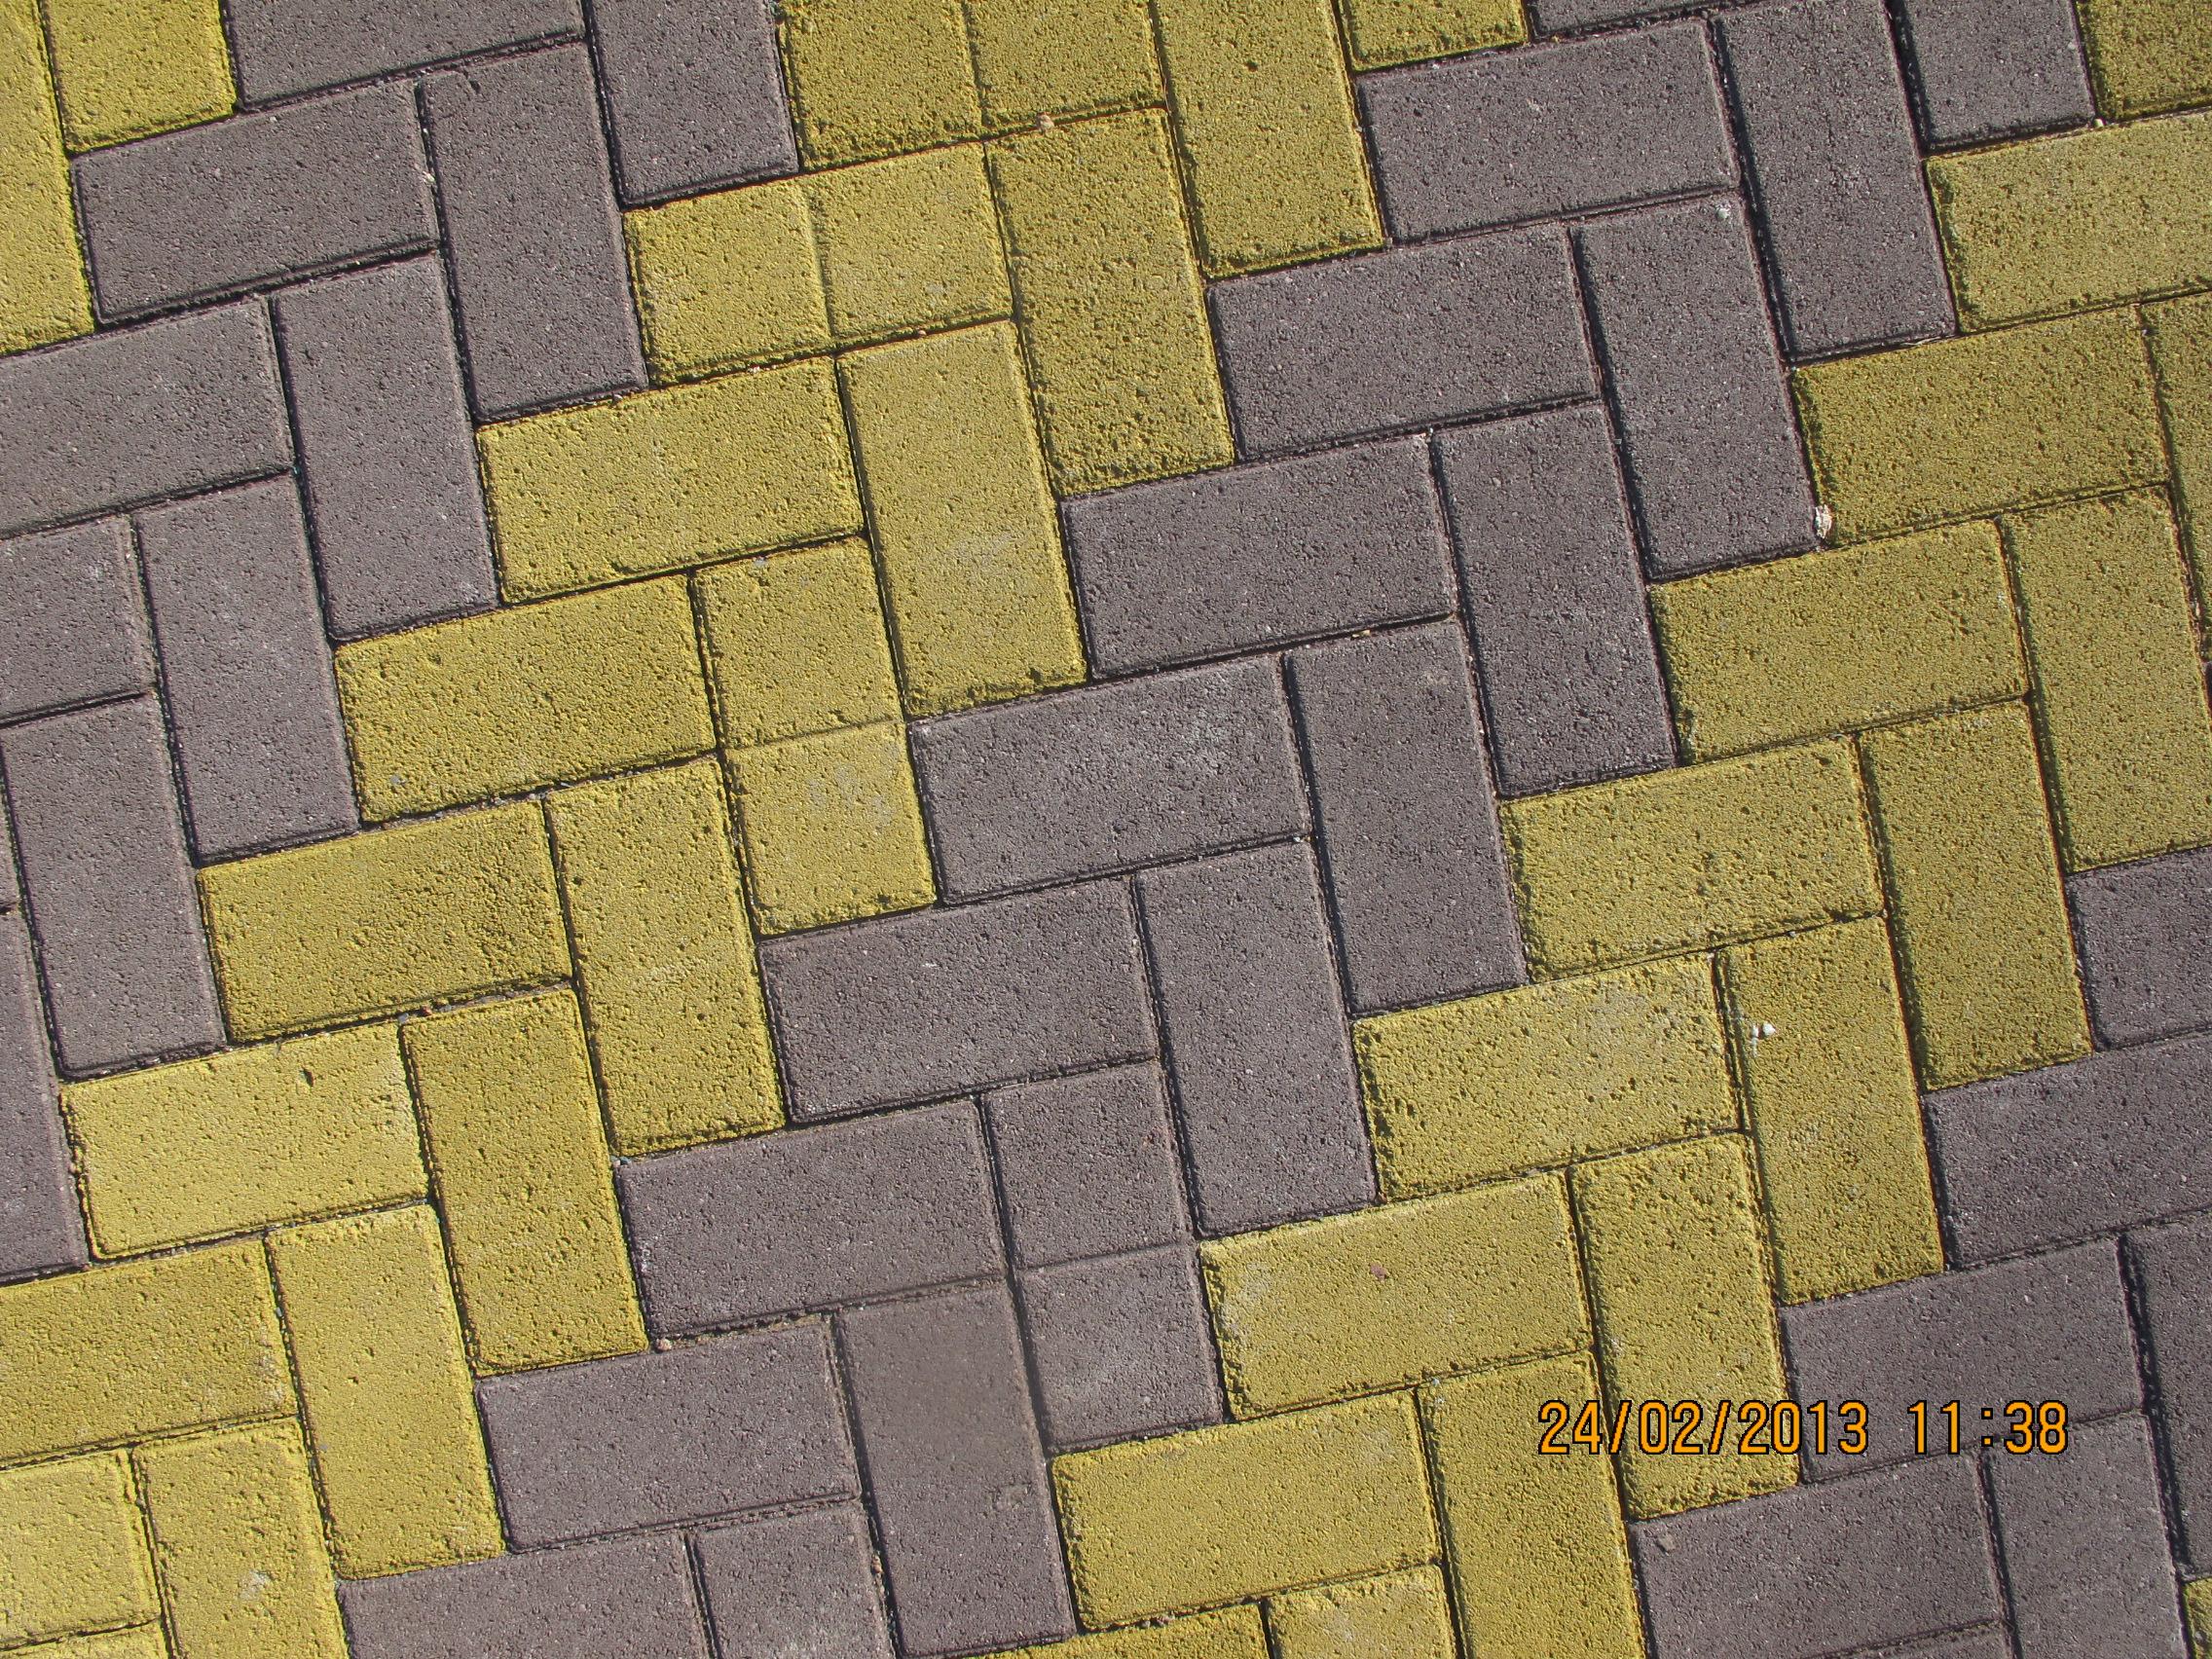 Тротуарная плитка красная желтая серая рисунки